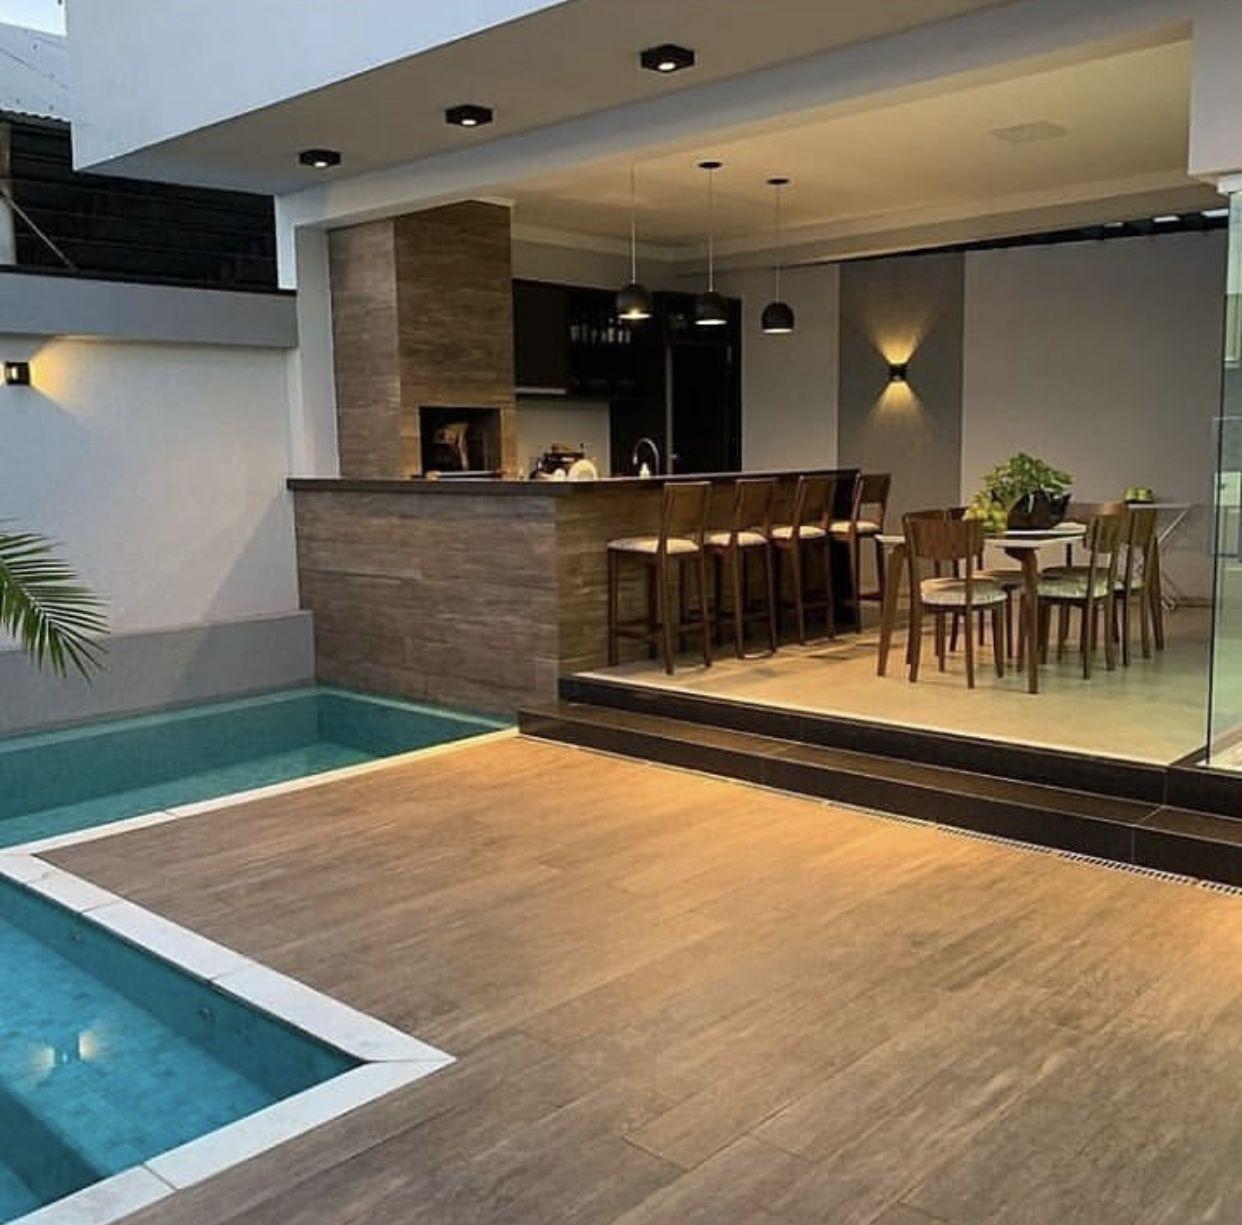 Pin De Laura En Bathroom Interior Design En 2020 Casas Con Alberca Piscinas Modernas Casas Con Piscina